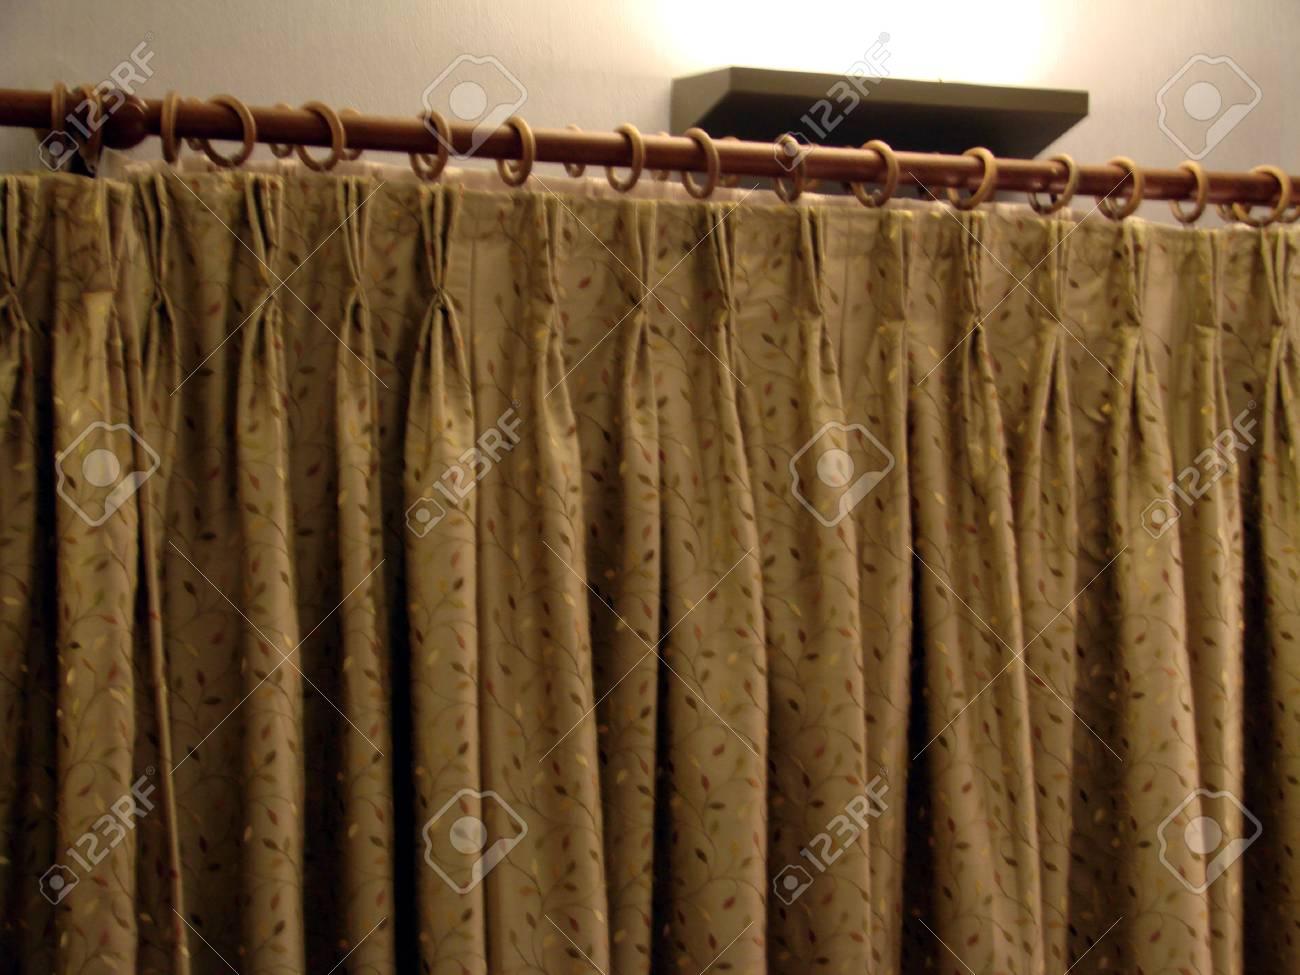 Rideau Décoratif Pour La Porte Et Fenêtre Dans Une Maison Banque D ...